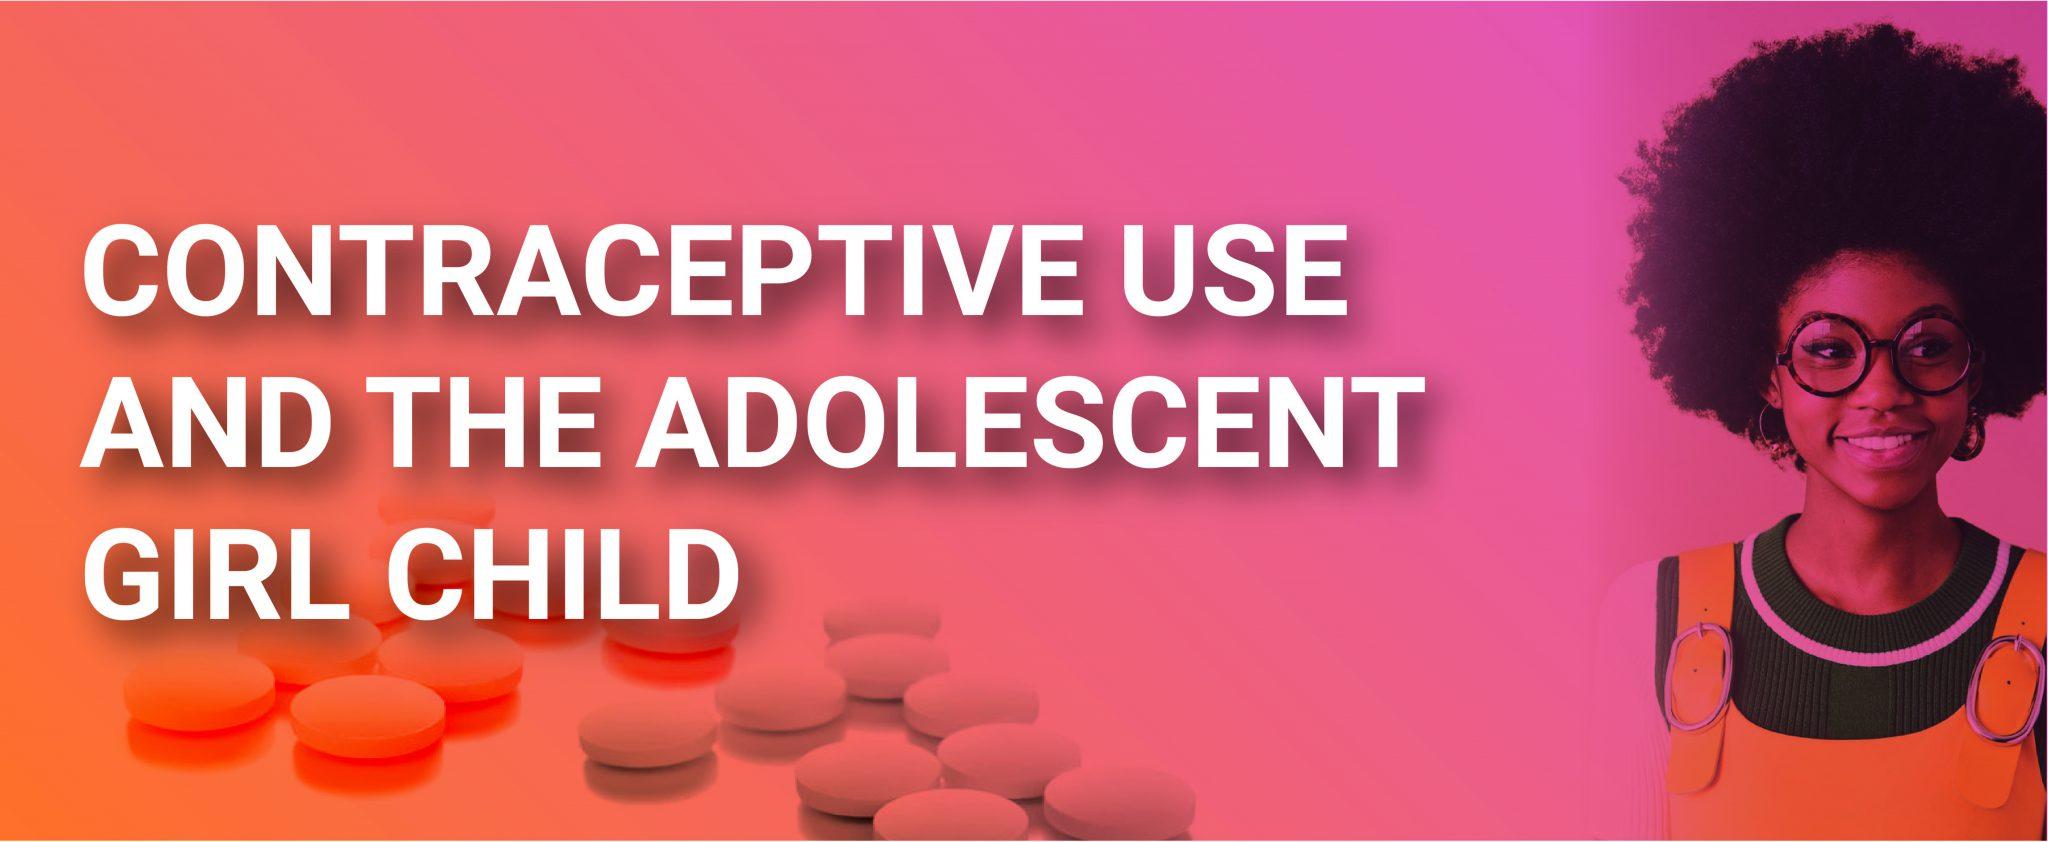 contraceptive blog post 2 b